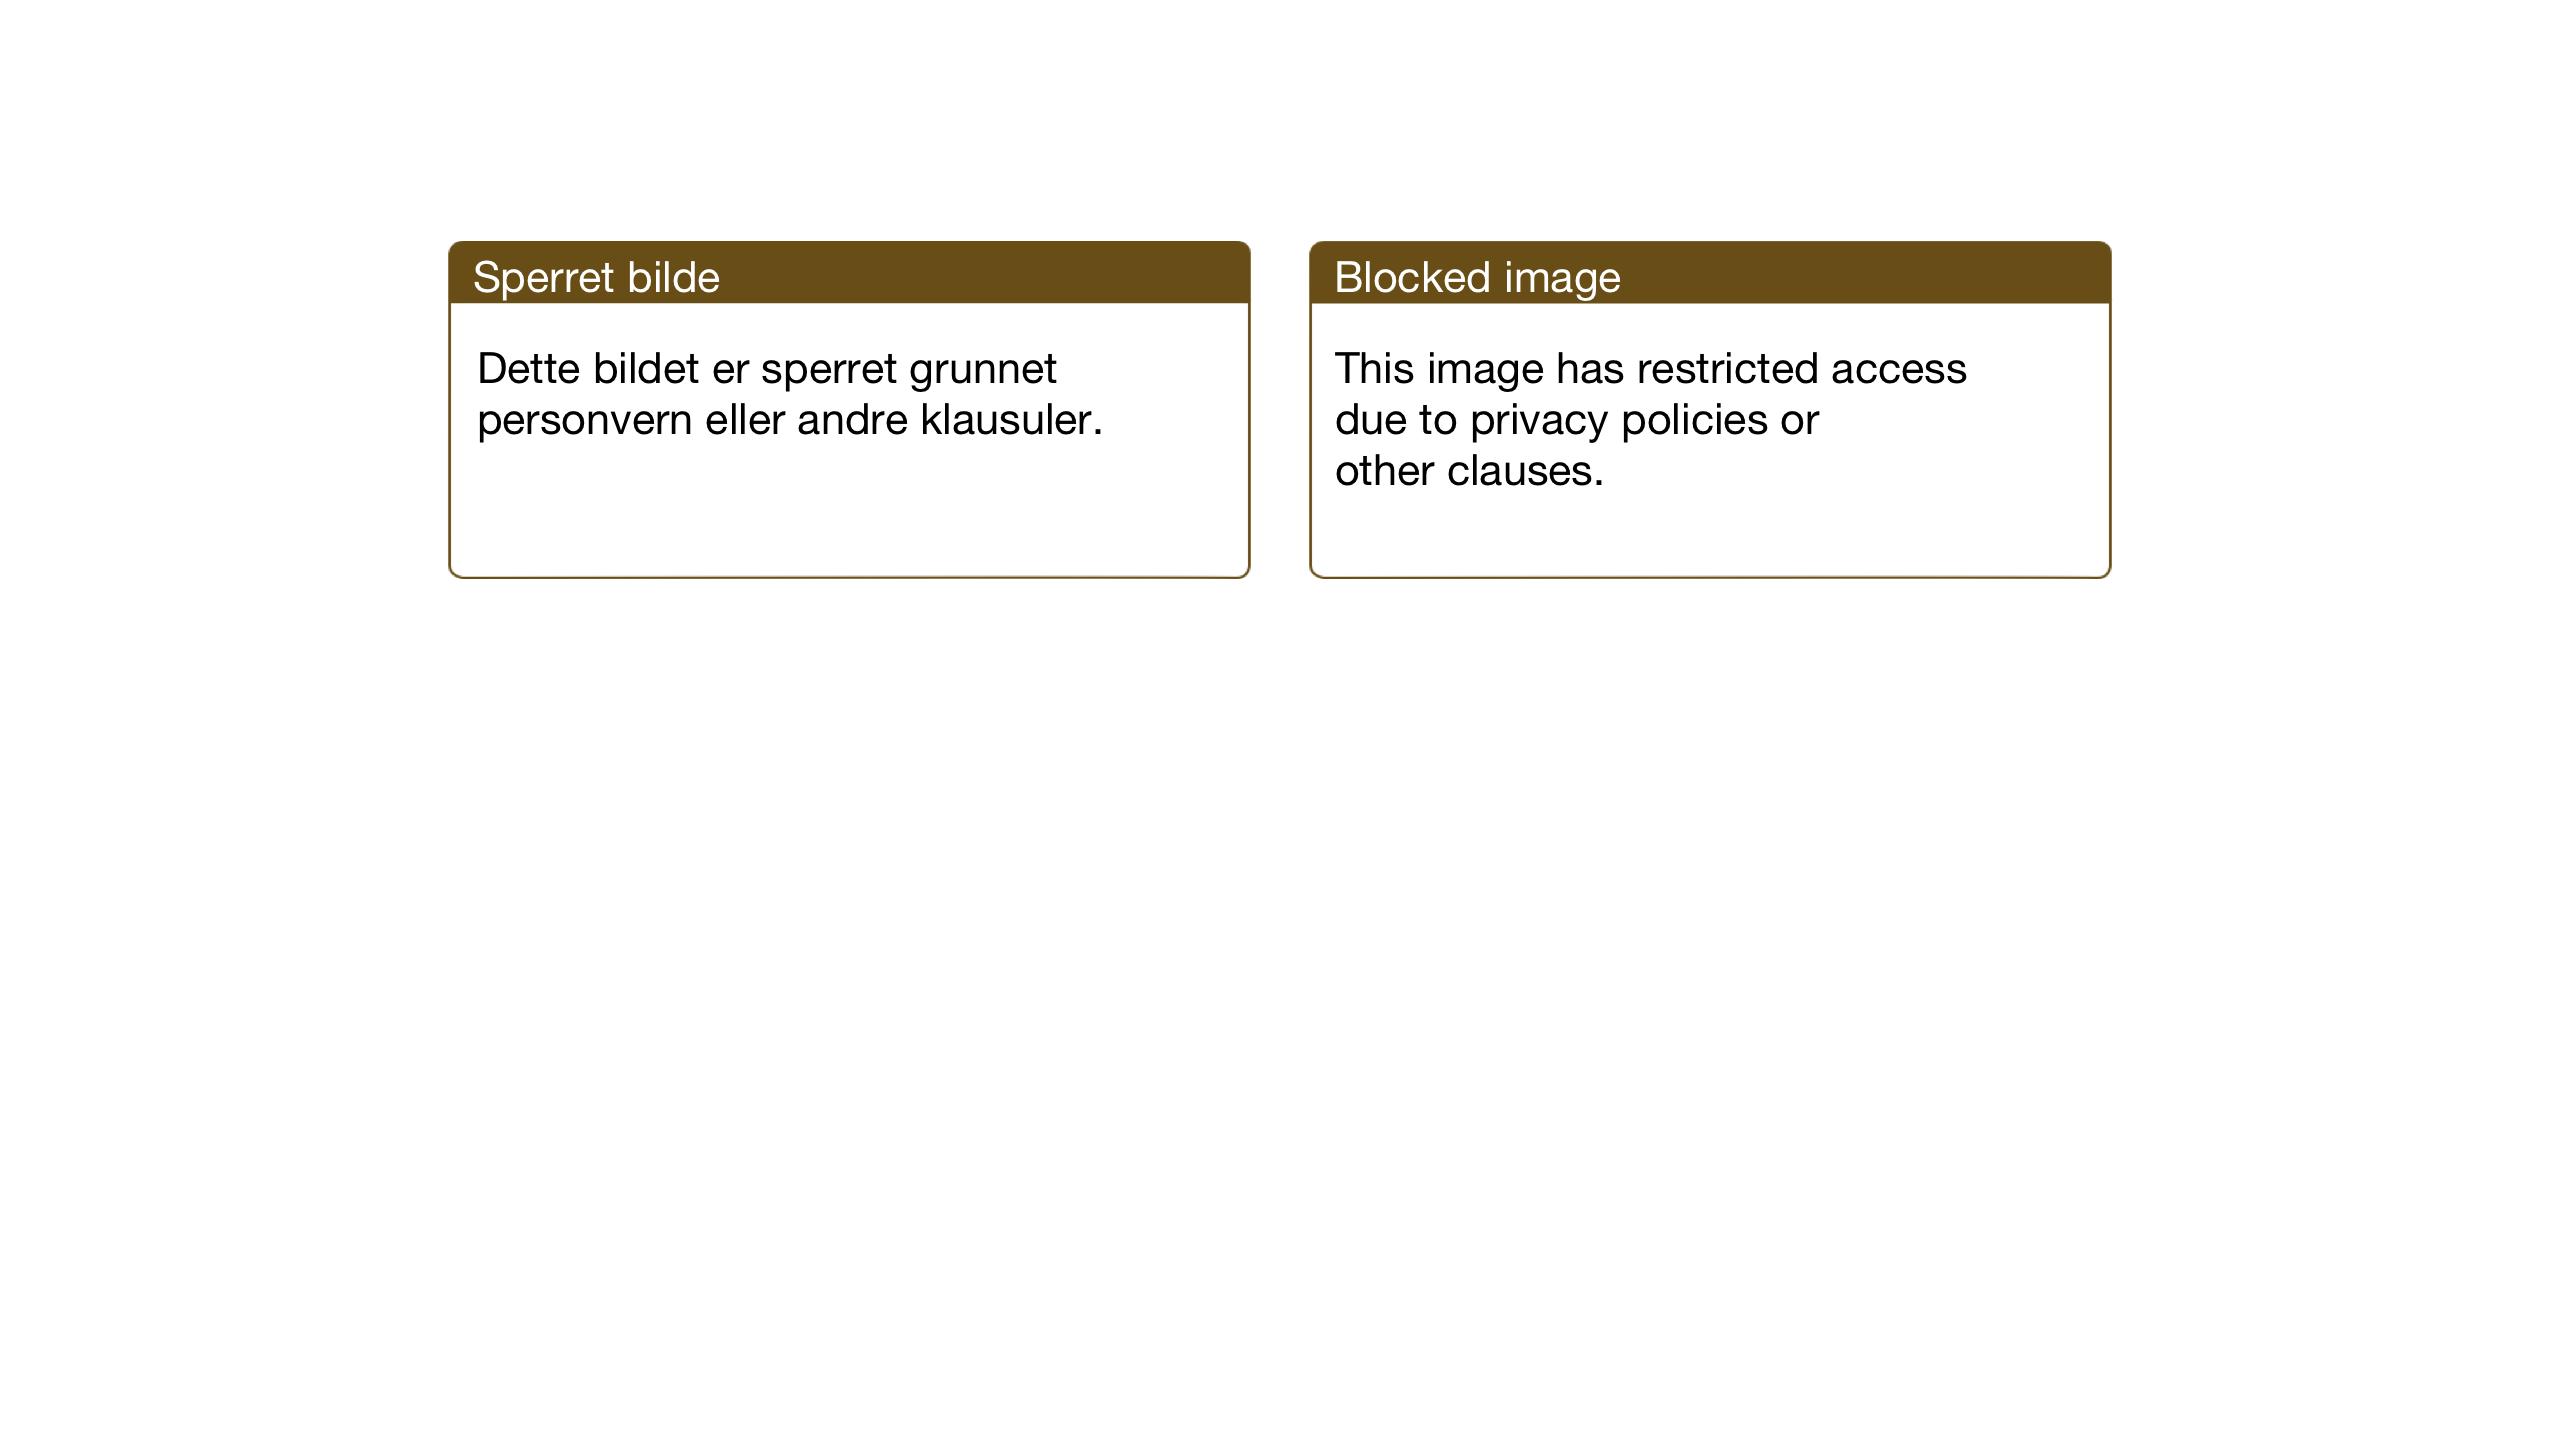 SAT, Ministerialprotokoller, klokkerbøker og fødselsregistre - Sør-Trøndelag, 651/L0648: Klokkerbok nr. 651C02, 1915-1945, s. 91